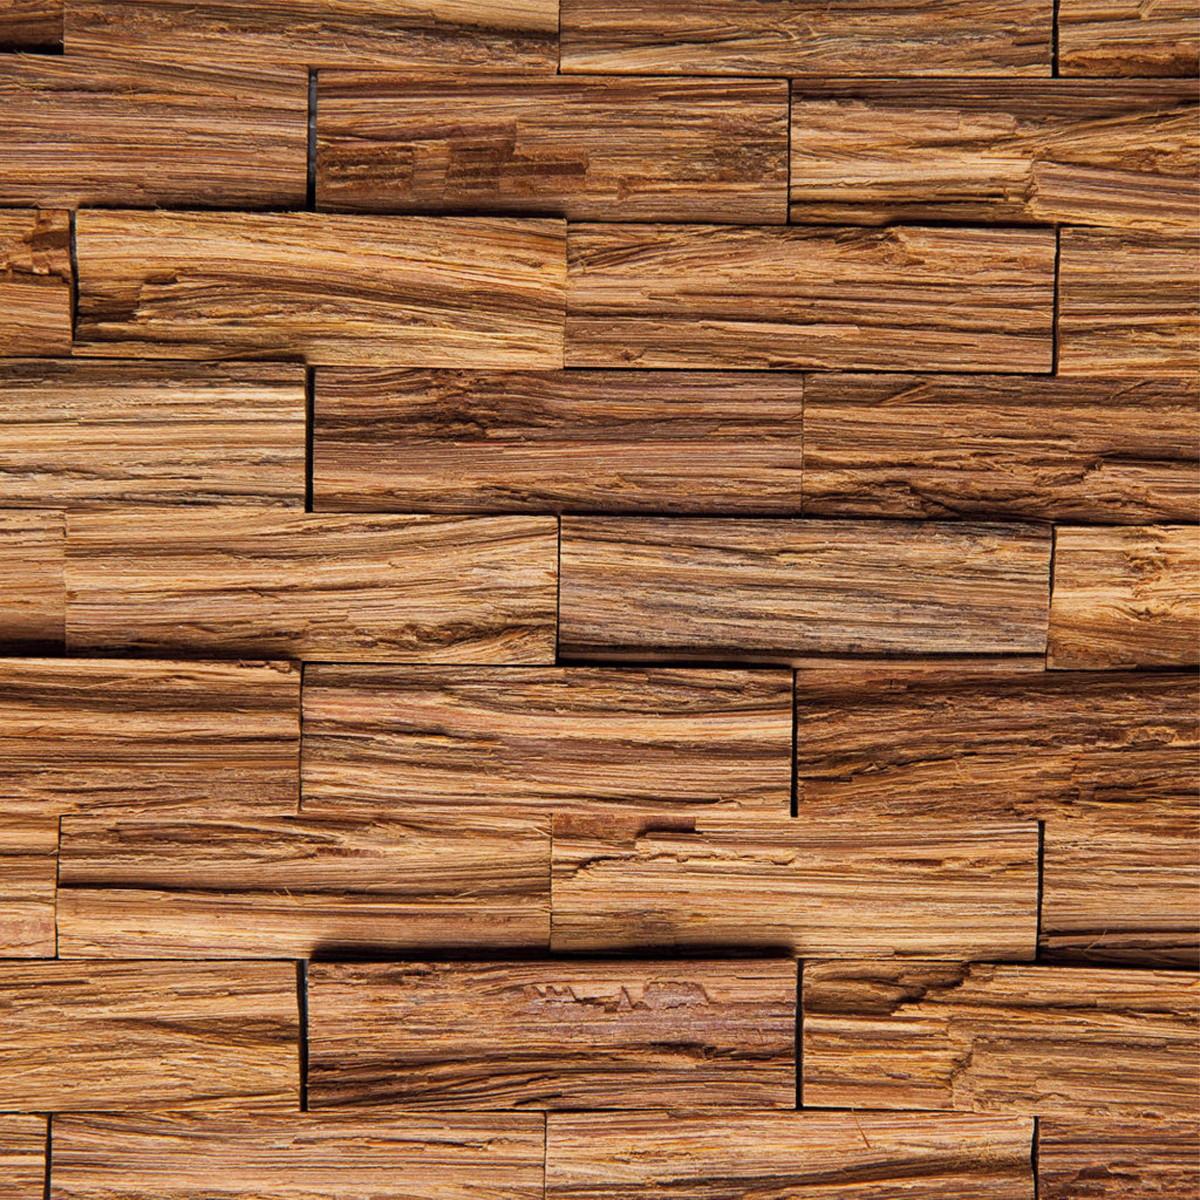 Adesivo de parede papel parede madeira r stica marrom no - Papel autoadhesivo para paredes ...